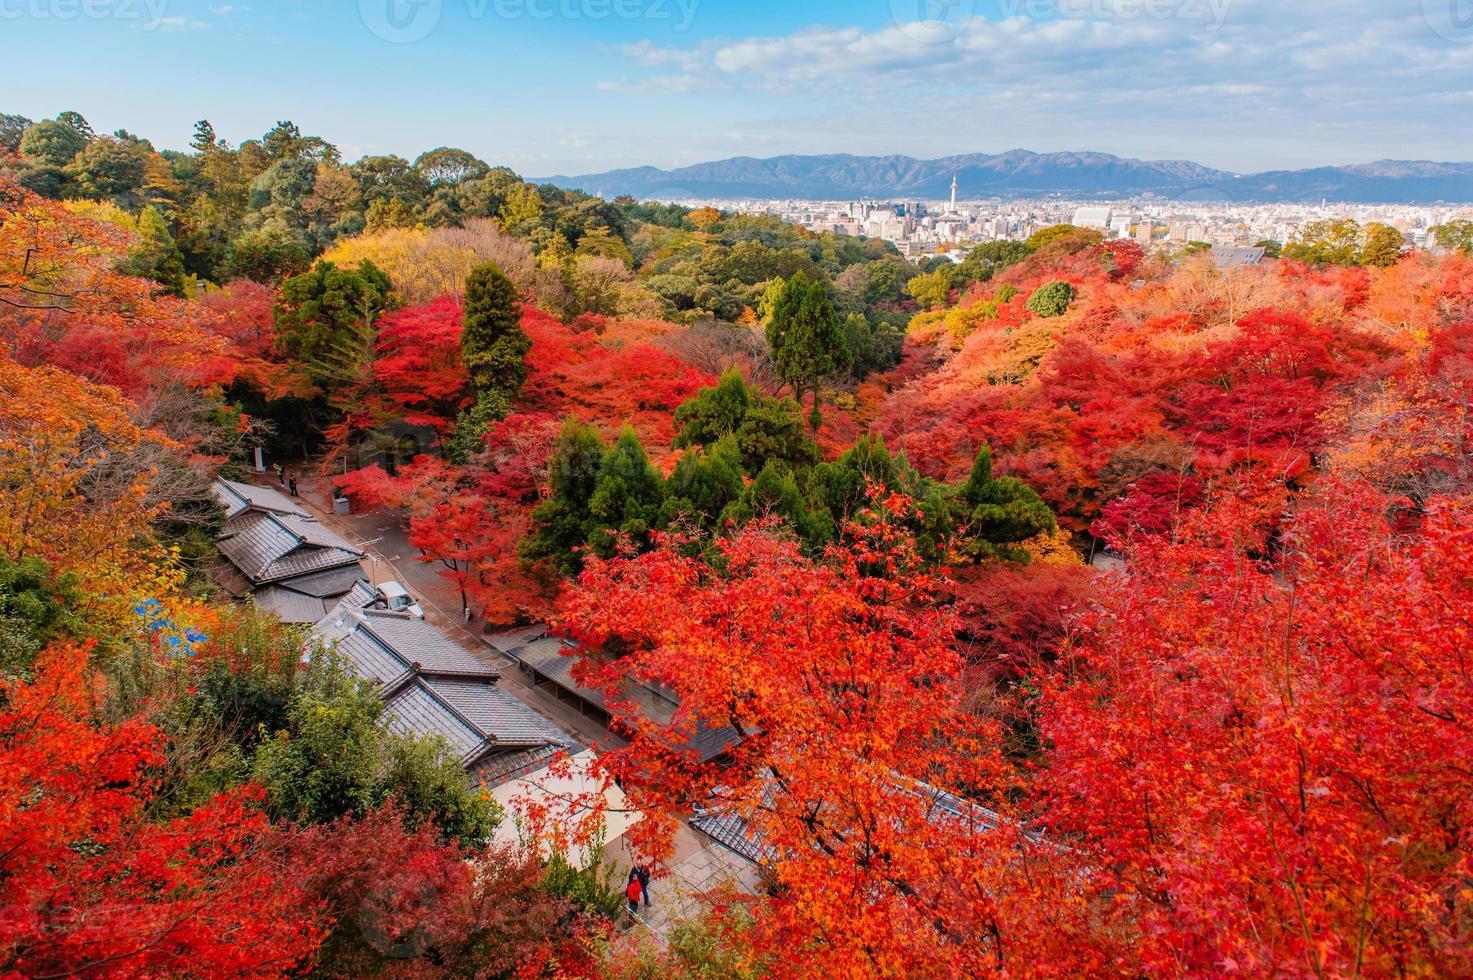 japanischer Garten mit herbstlichen Blättern foto